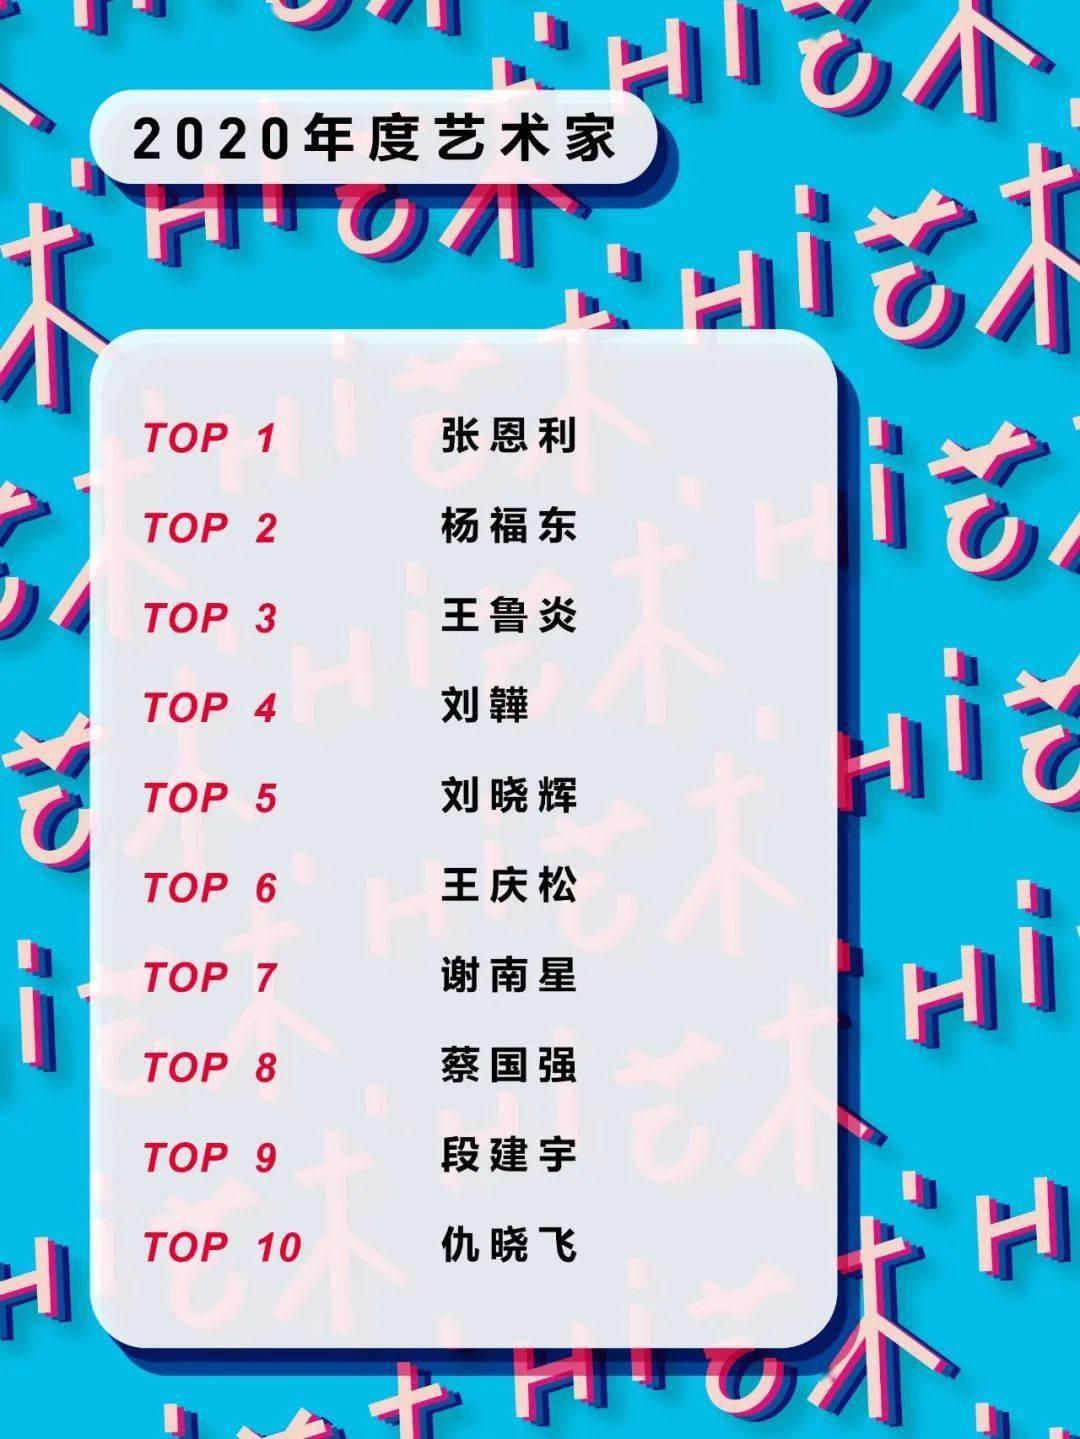 这十位艺术家,登上了最不平凡一年的年度榜!_张恩